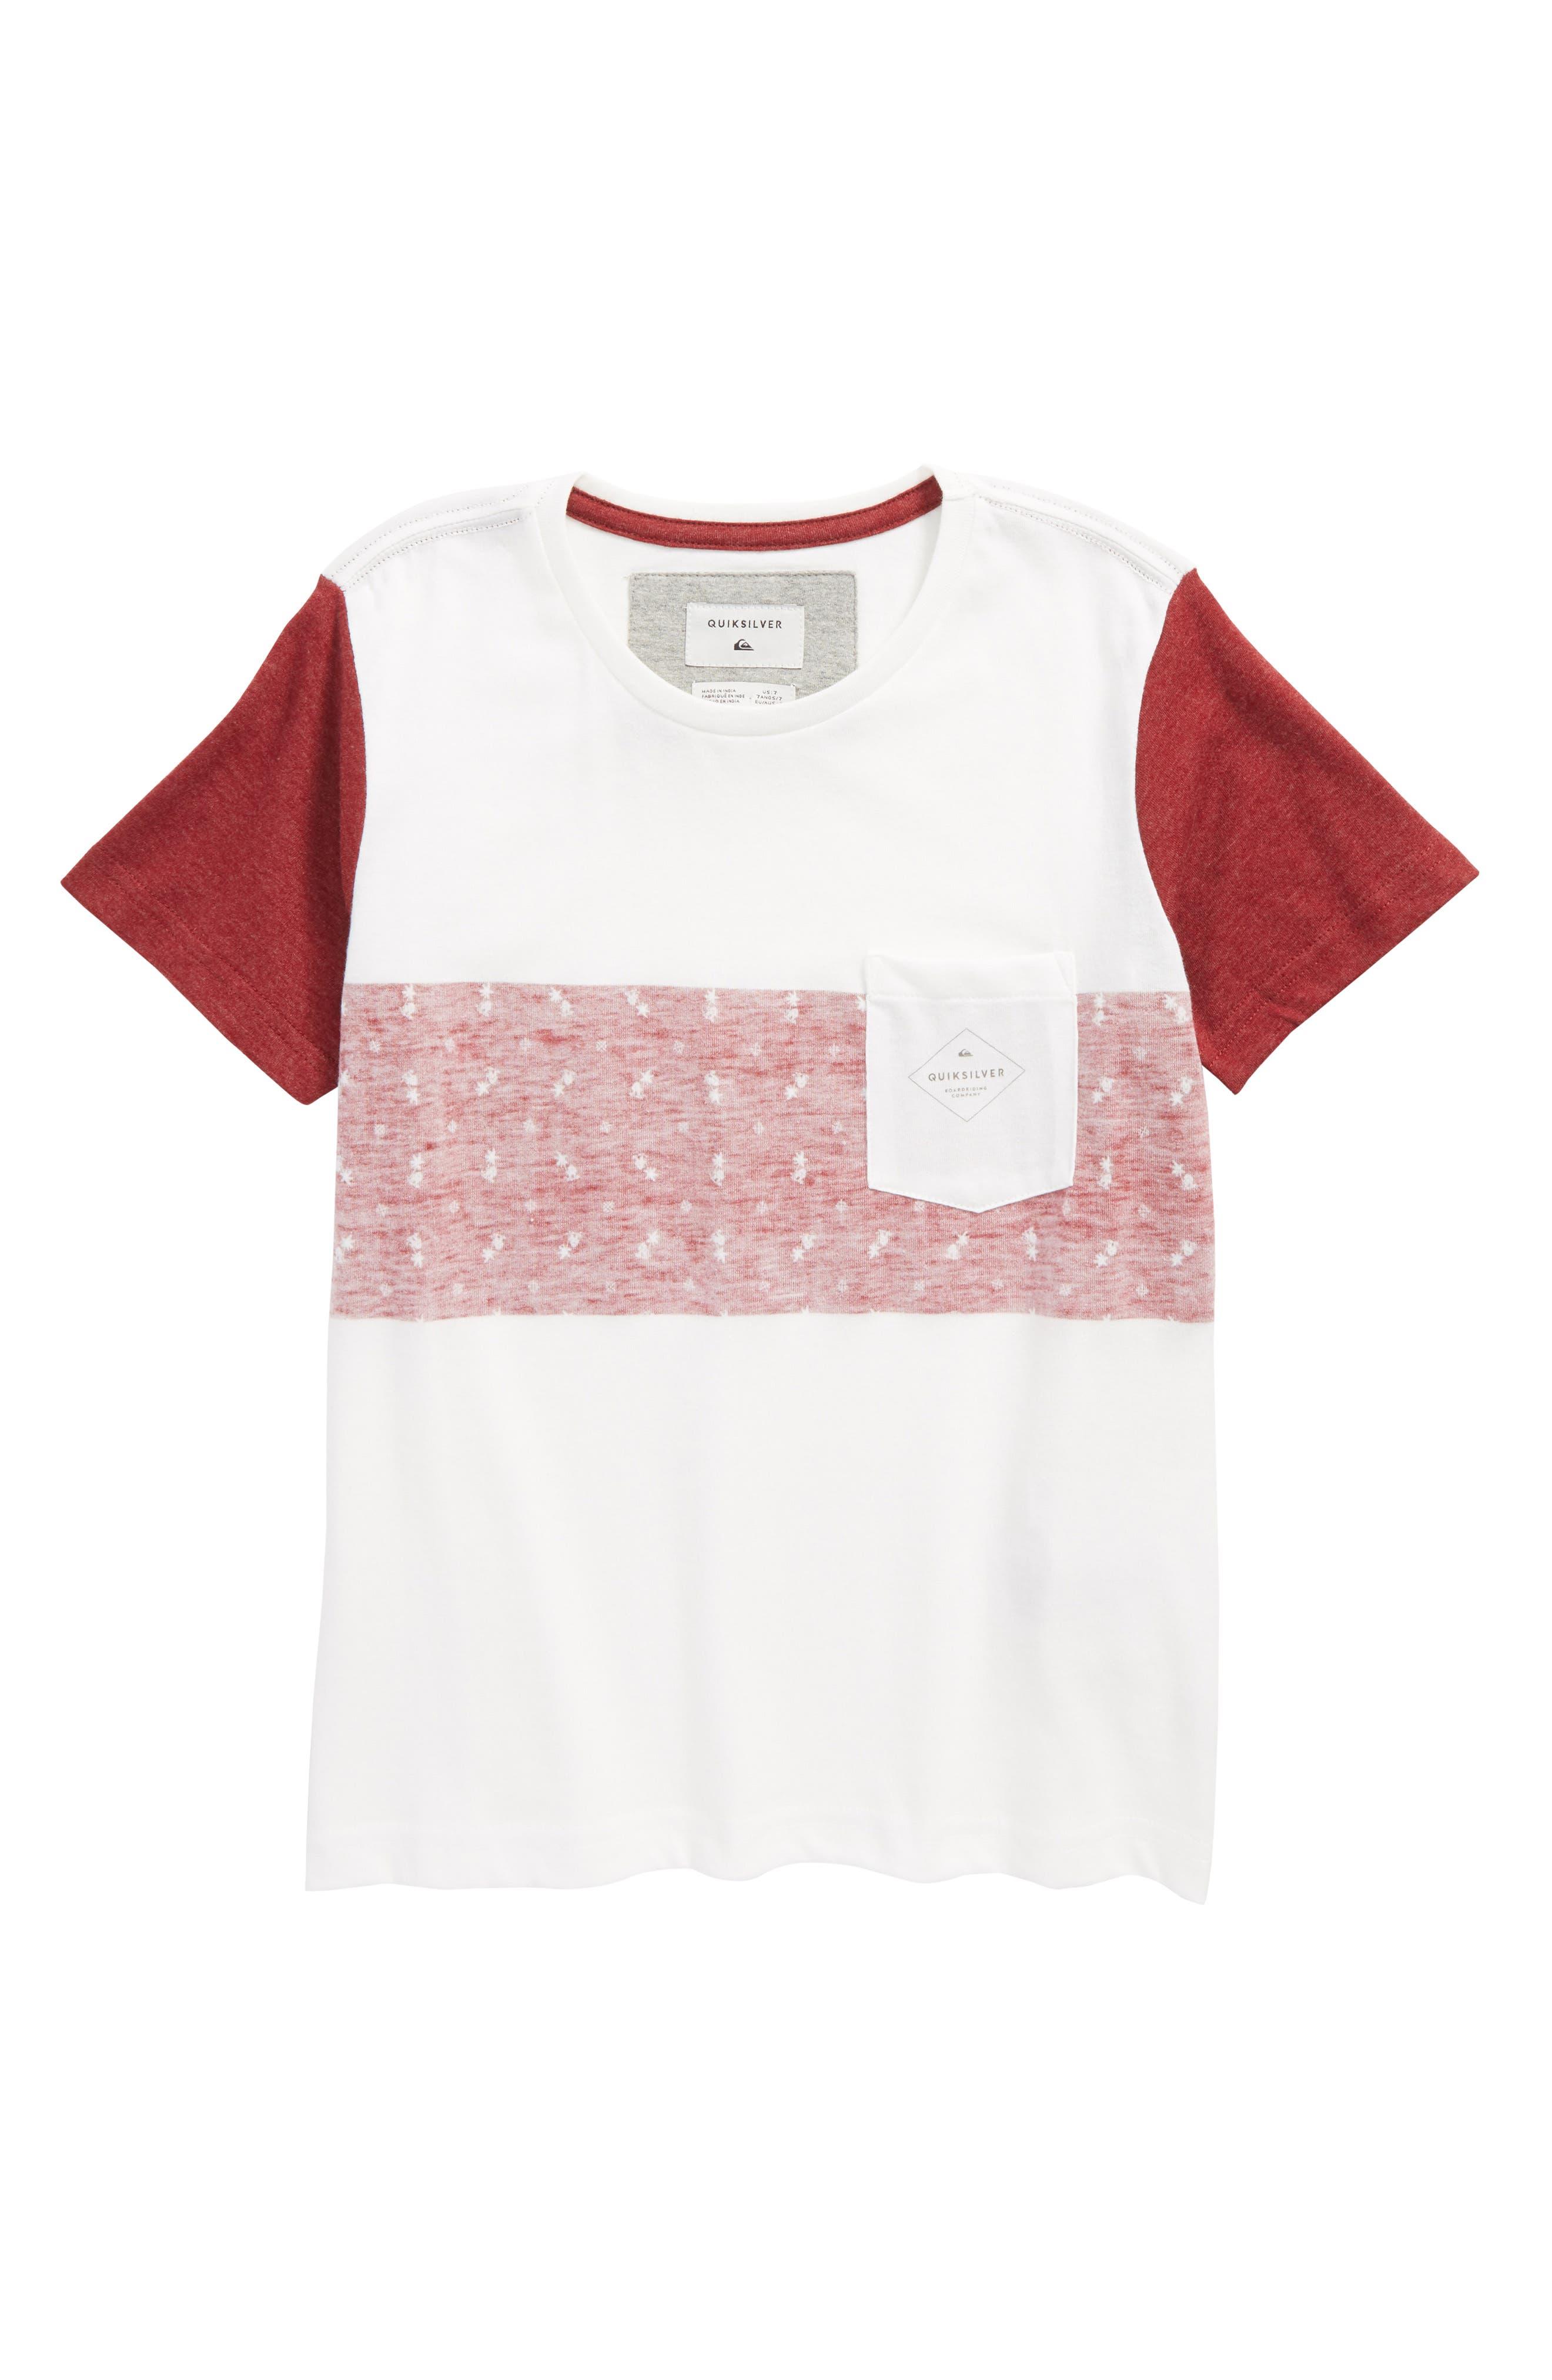 Alternate Image 1 Selected - Quiksilver Pogwa T-Shirt (Toddler Boys & Little Boys)